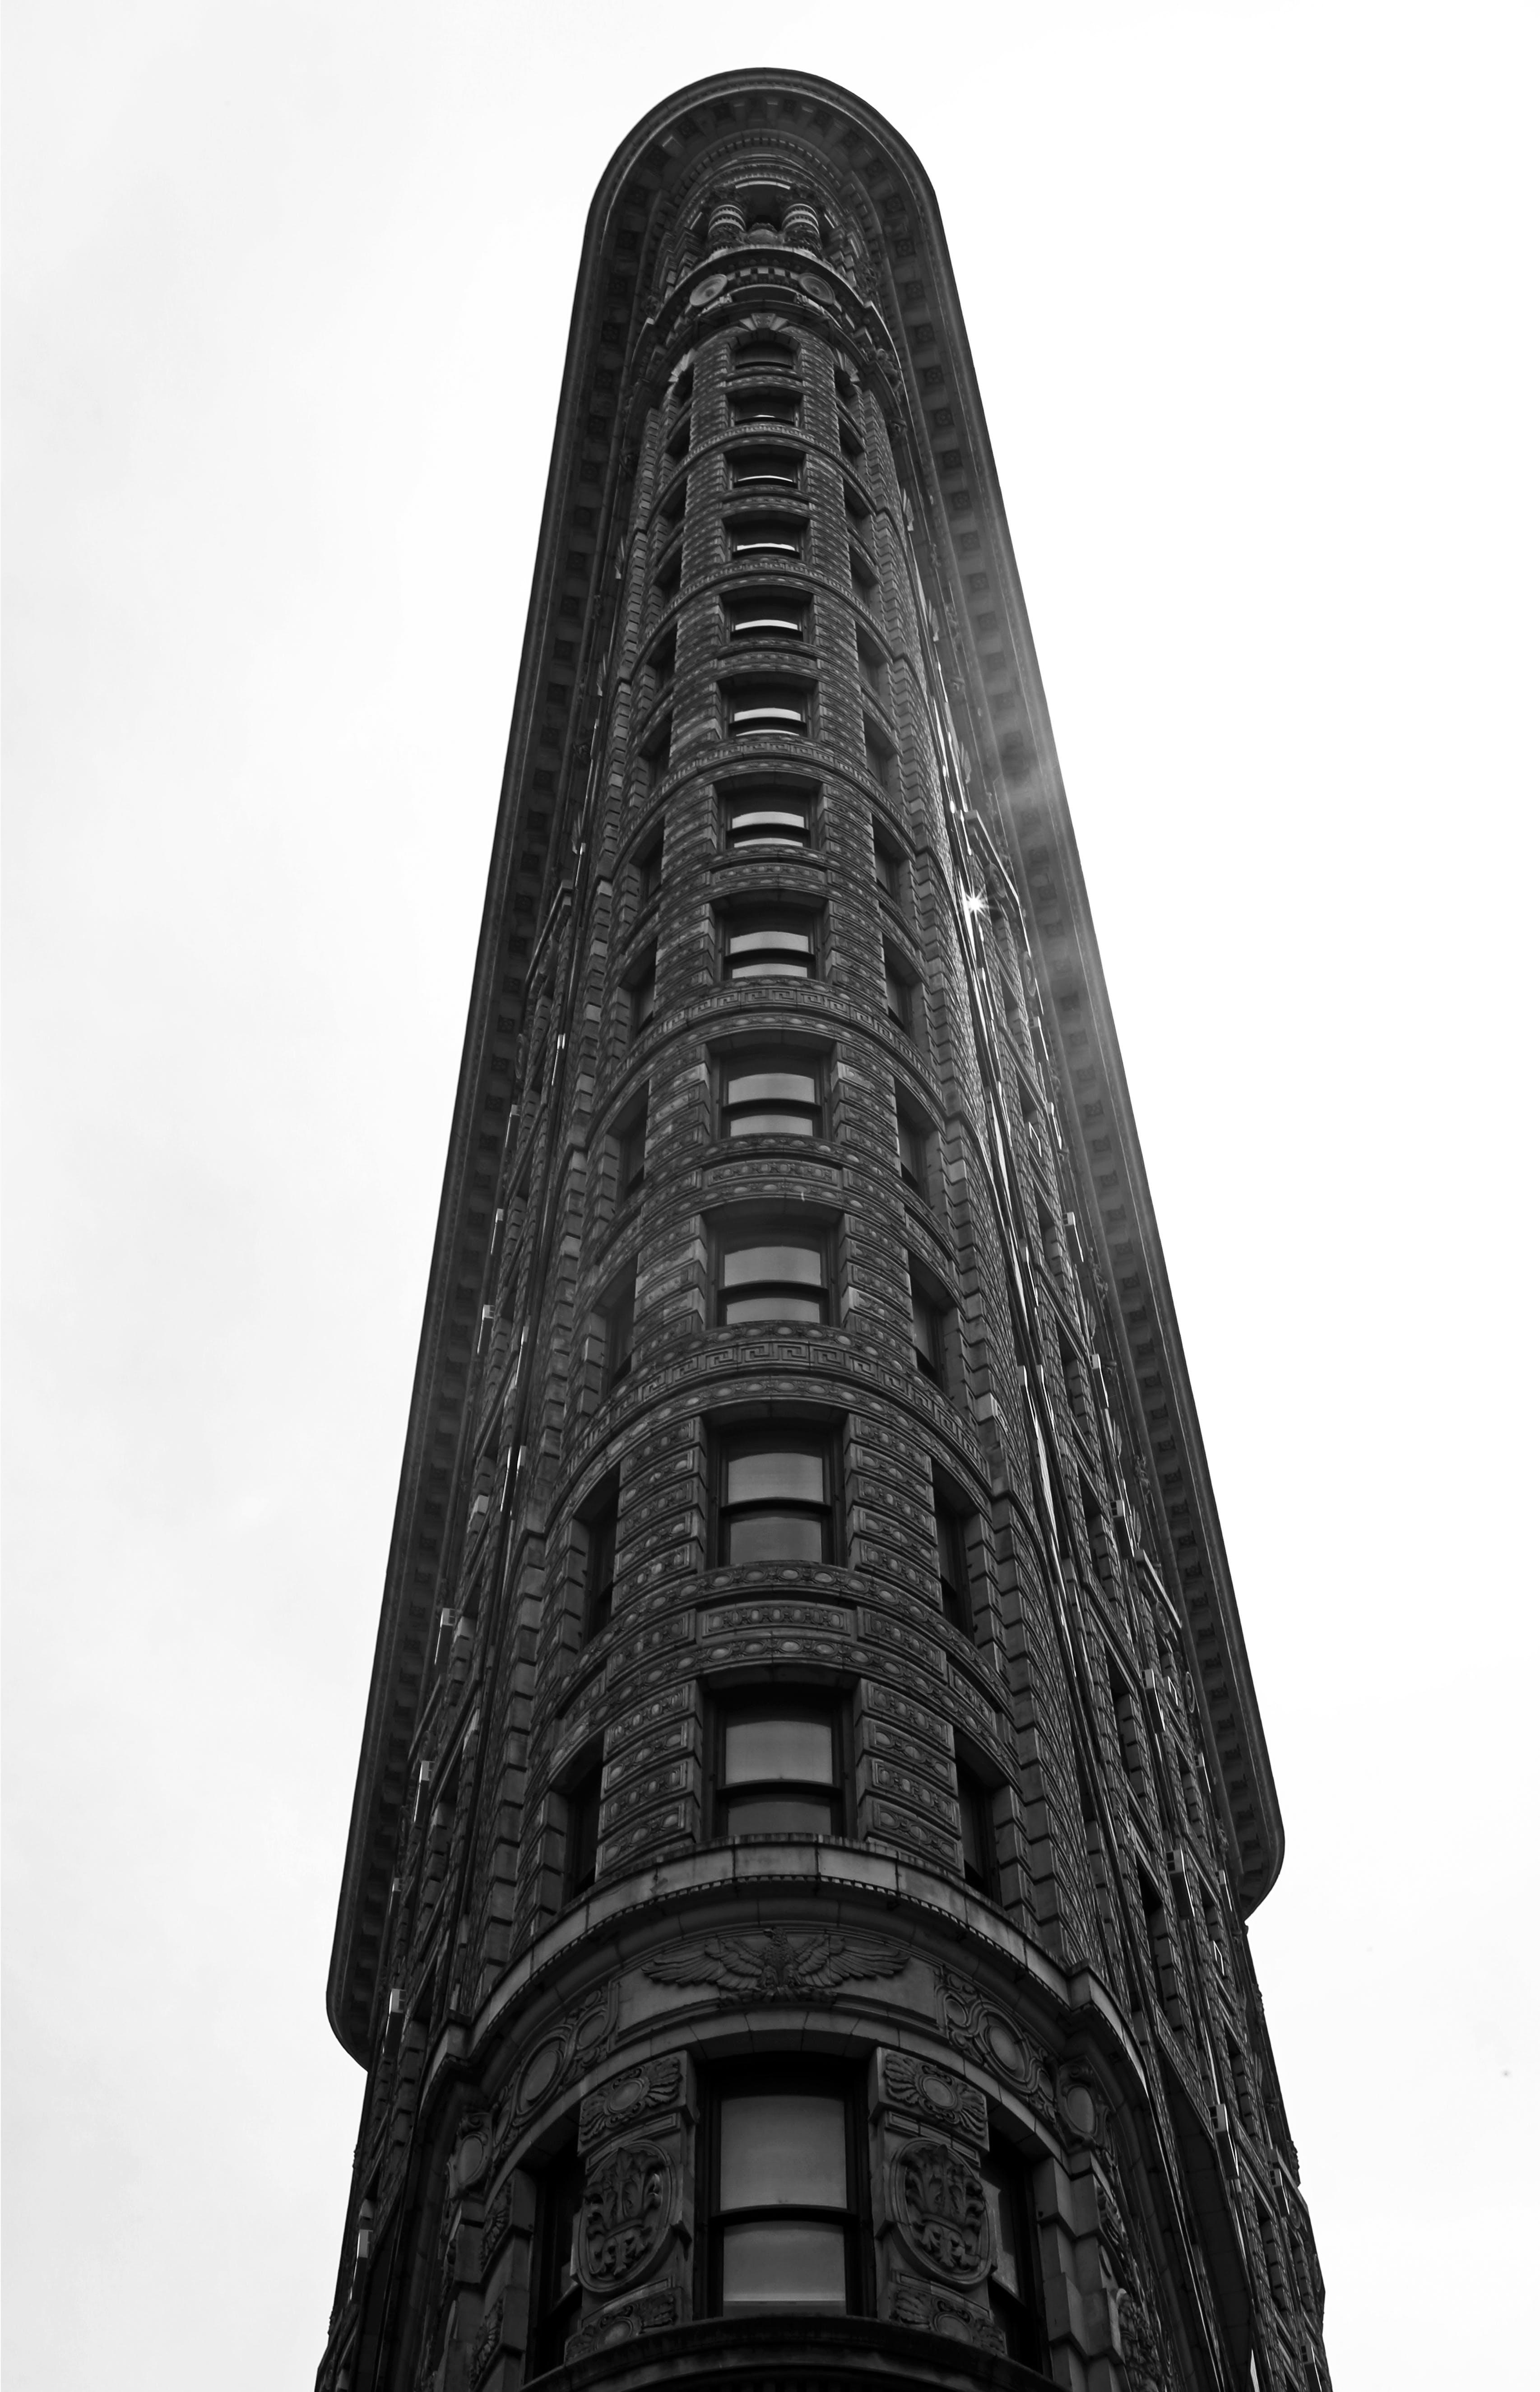 Бесплатное стоковое фото с значок нью-йорк, манхэттен, нью-йорк, нью-йоркская достопримечательность